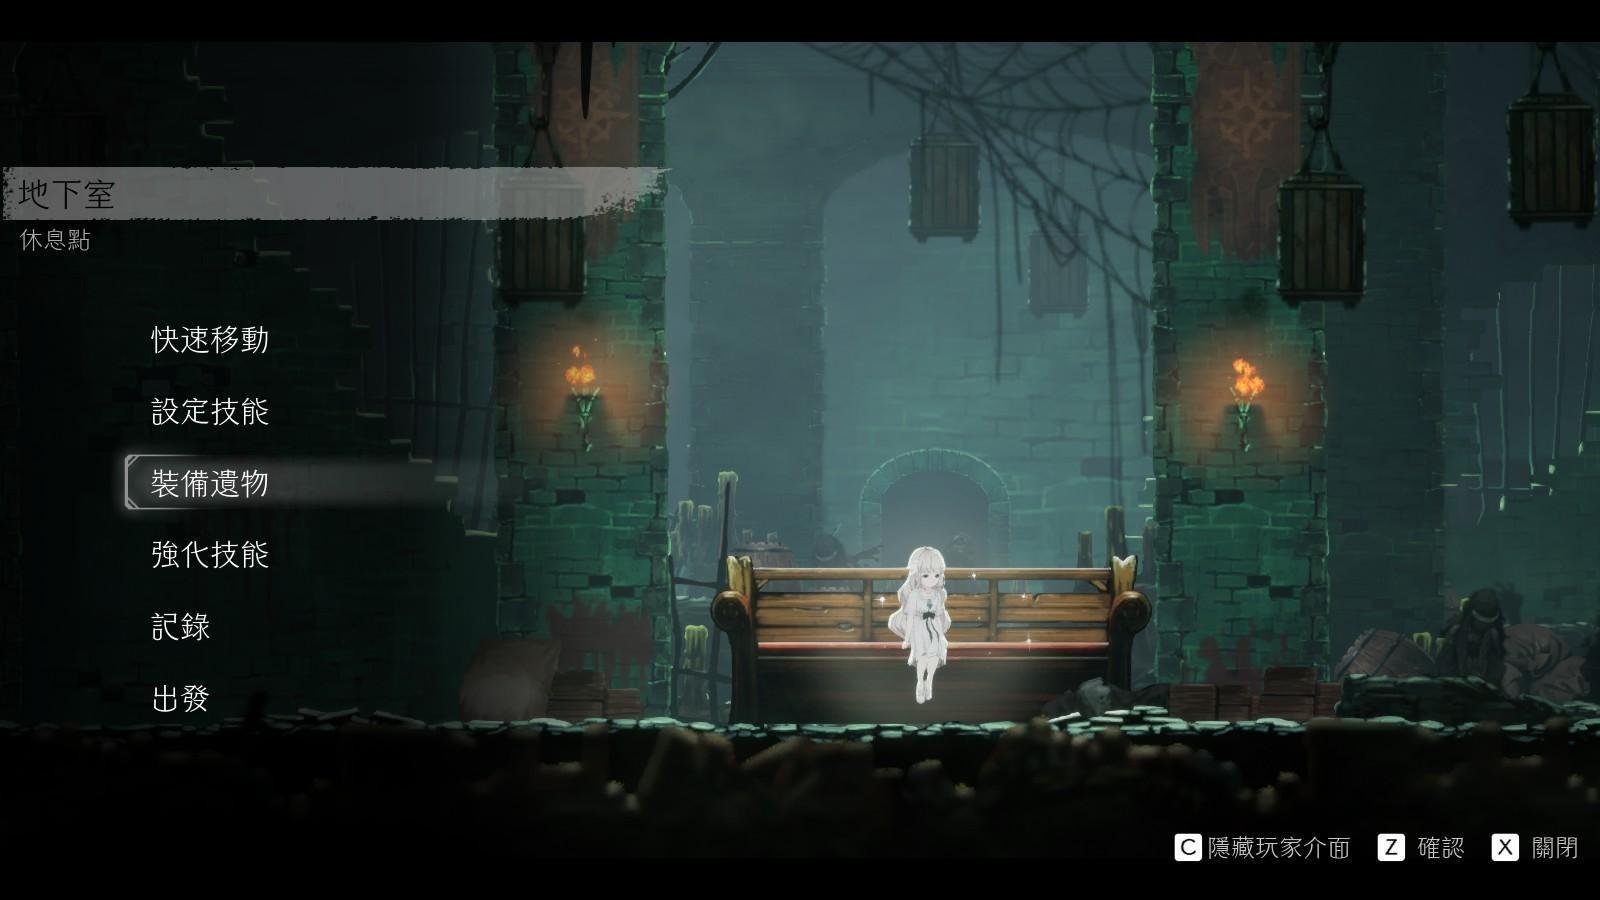 游戏《终结者莉莉:骑士救赎》体验过后关于小地图的一些迭代看法 (2)